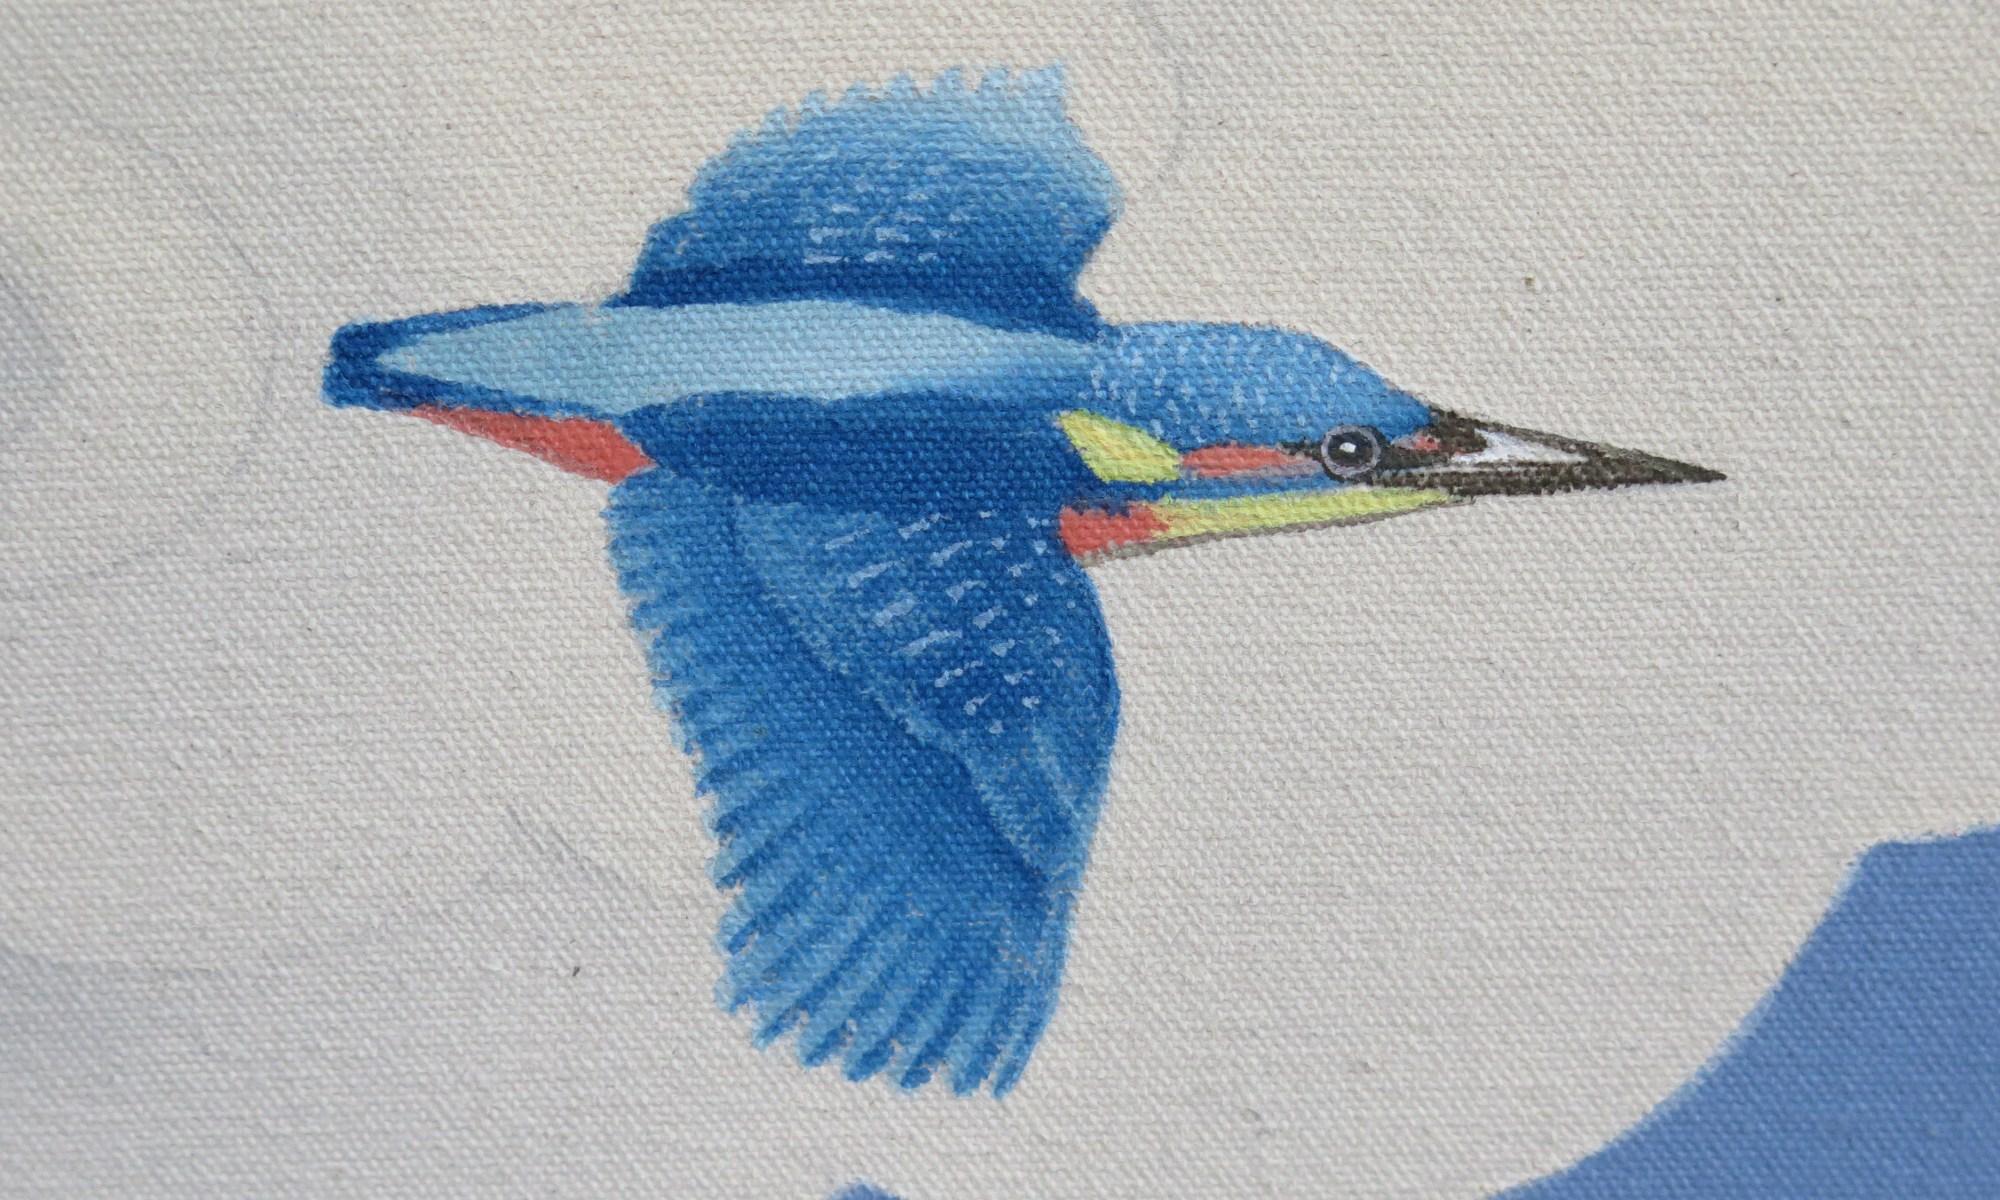 kingfisher detail 21 Taras Thangka